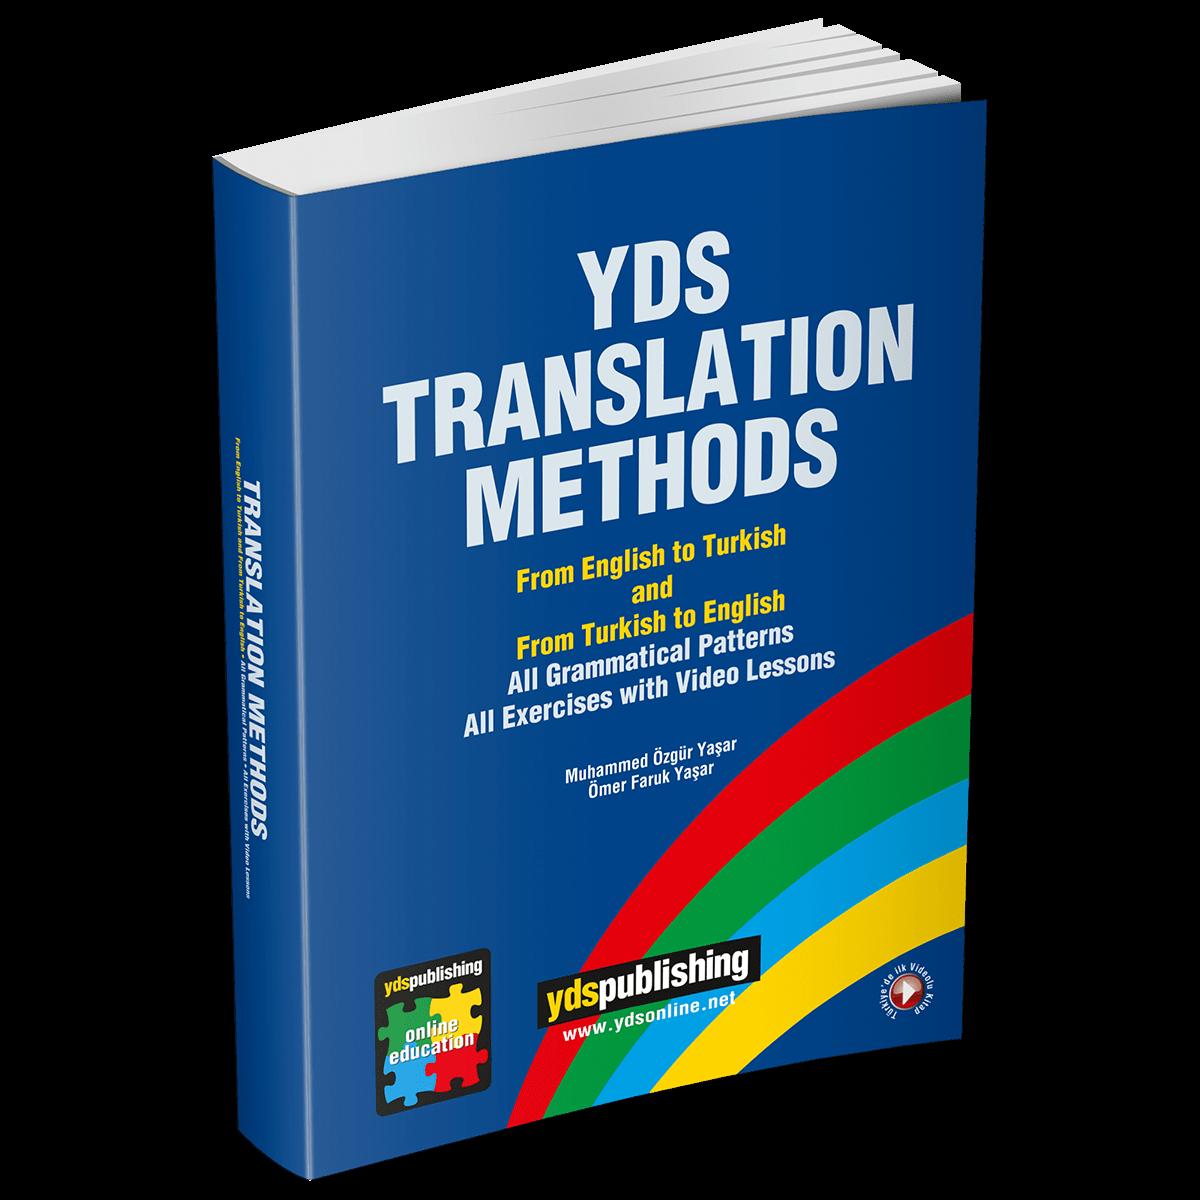 Translation Methods translation methods -  Translation Methods – İngilizce çeviri teknikleri alıştırmalarla öğrenin